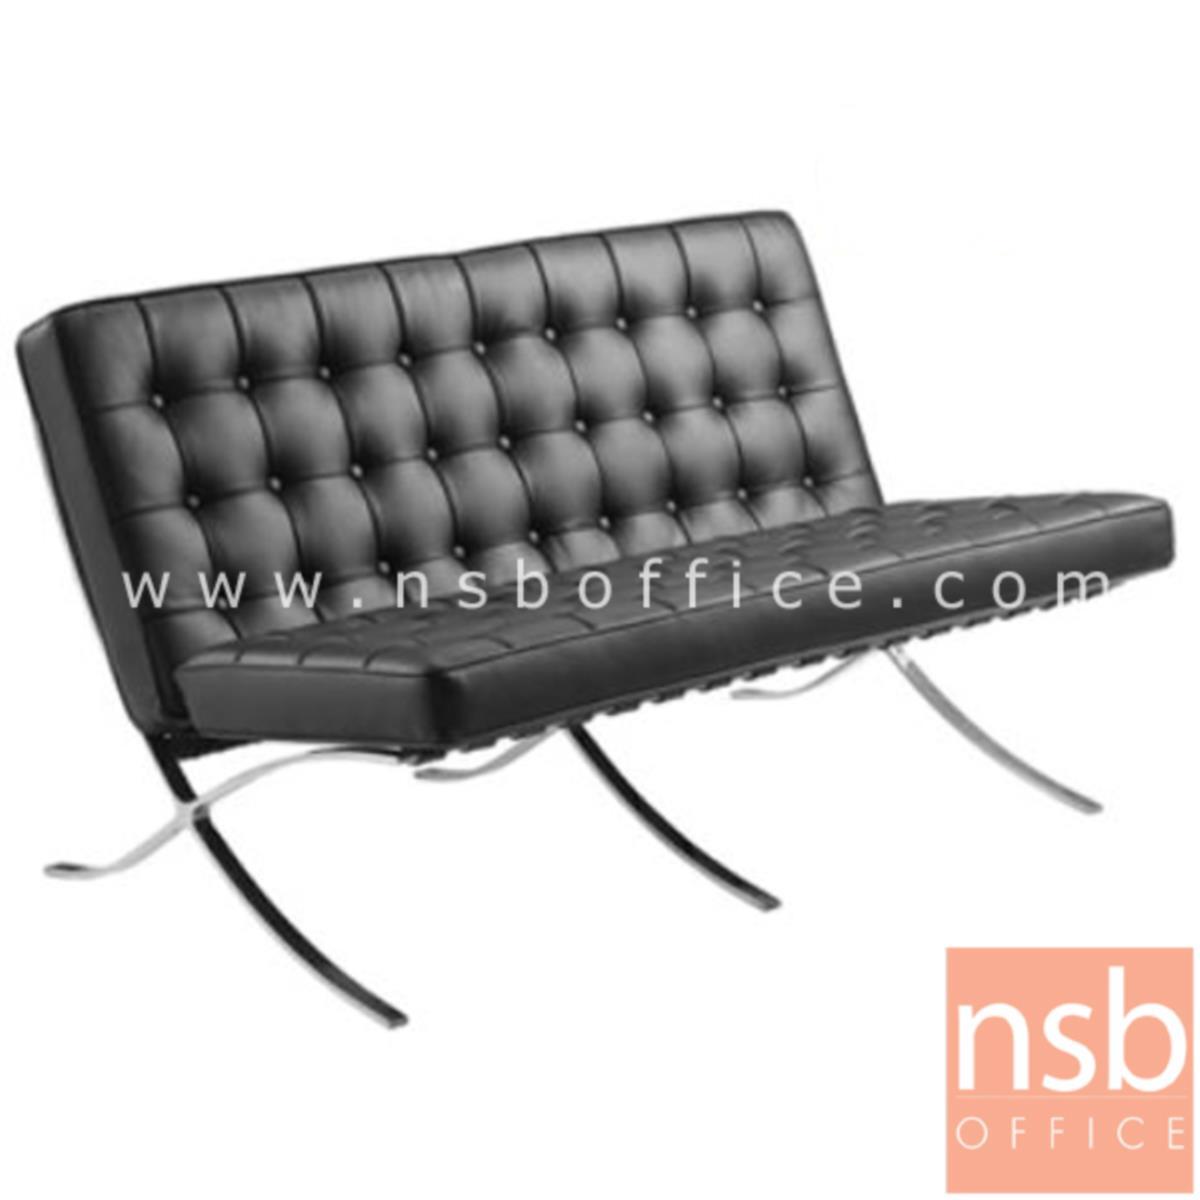 B15A024:เก้าอี้พักผ่อนหนังแท้ 2 ที่นั่ง  รุ่น Squarely  ขนาด 134W cm. โครงขาสเตนเลส